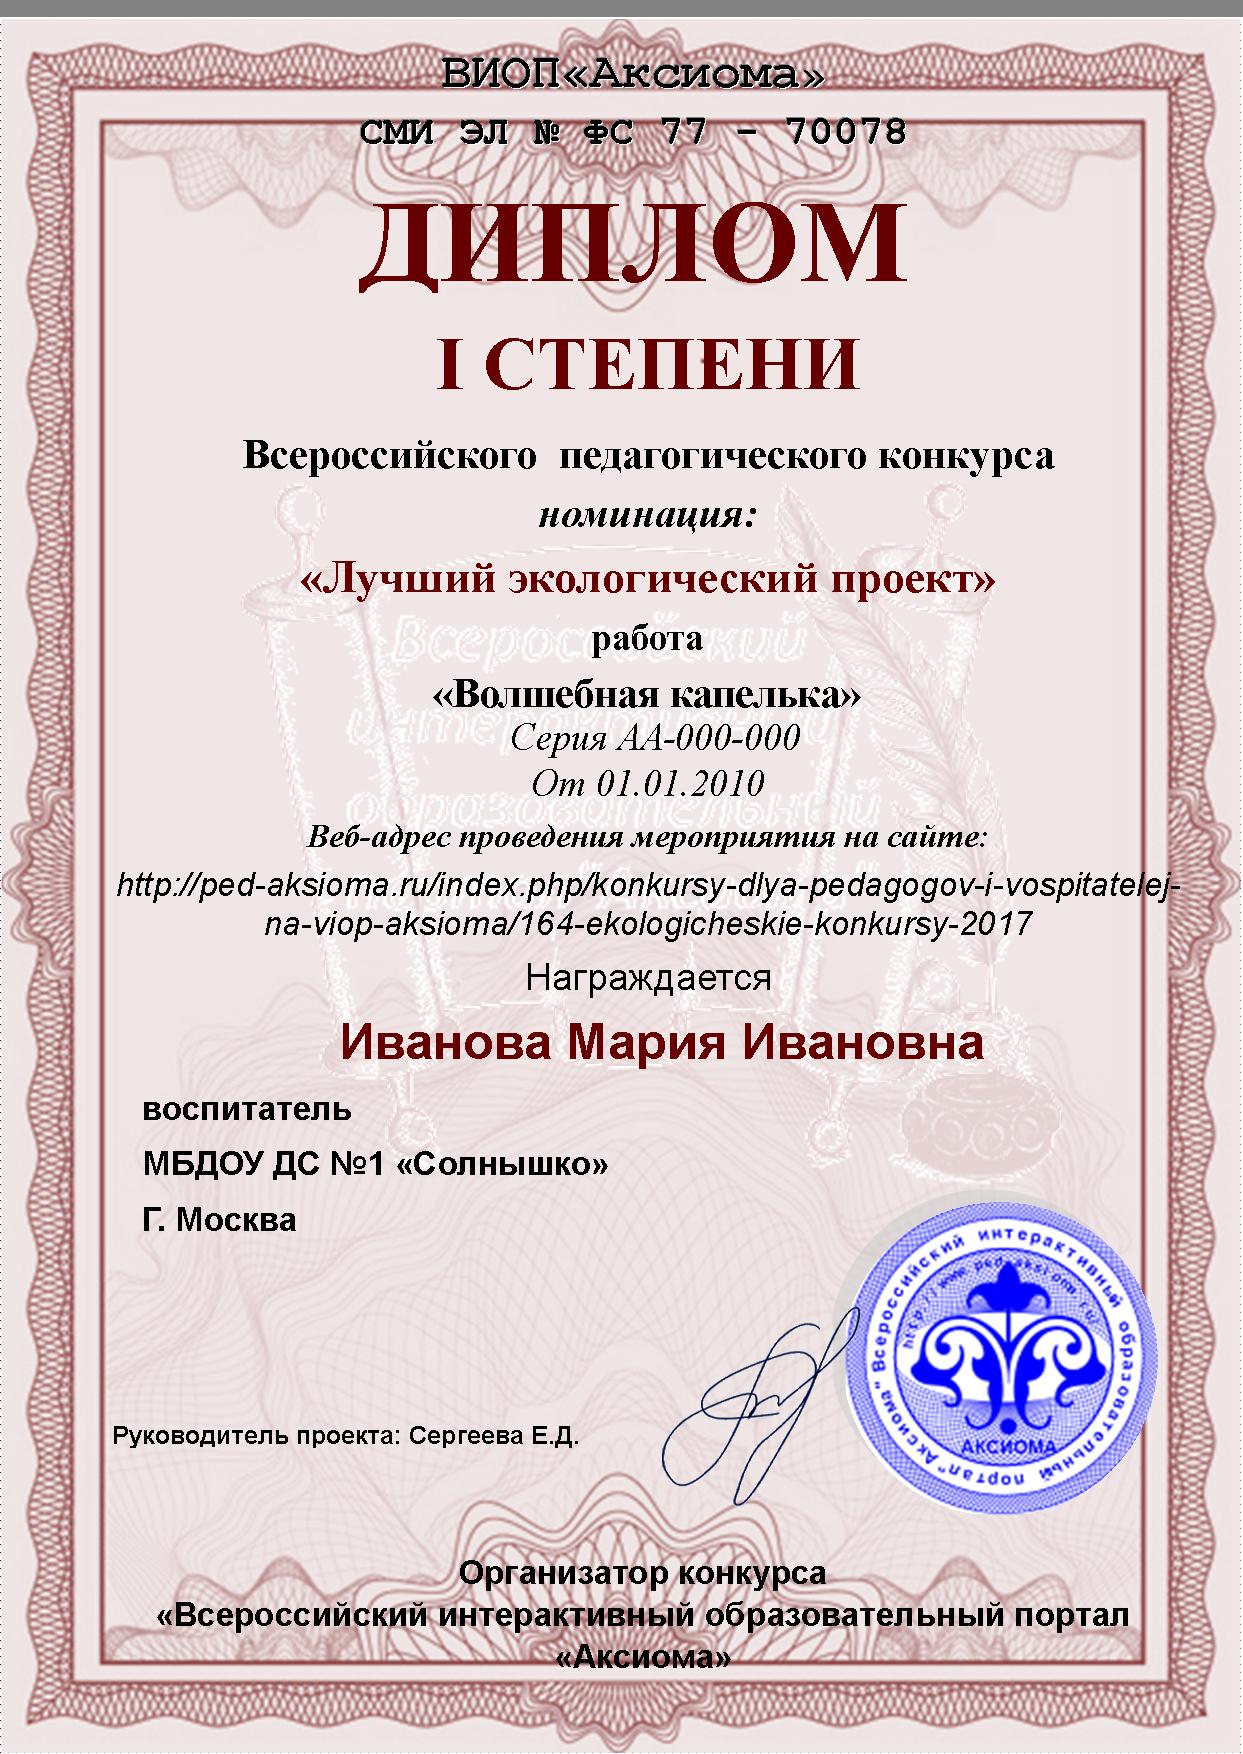 Конкурсы от министерства образования для педагогов